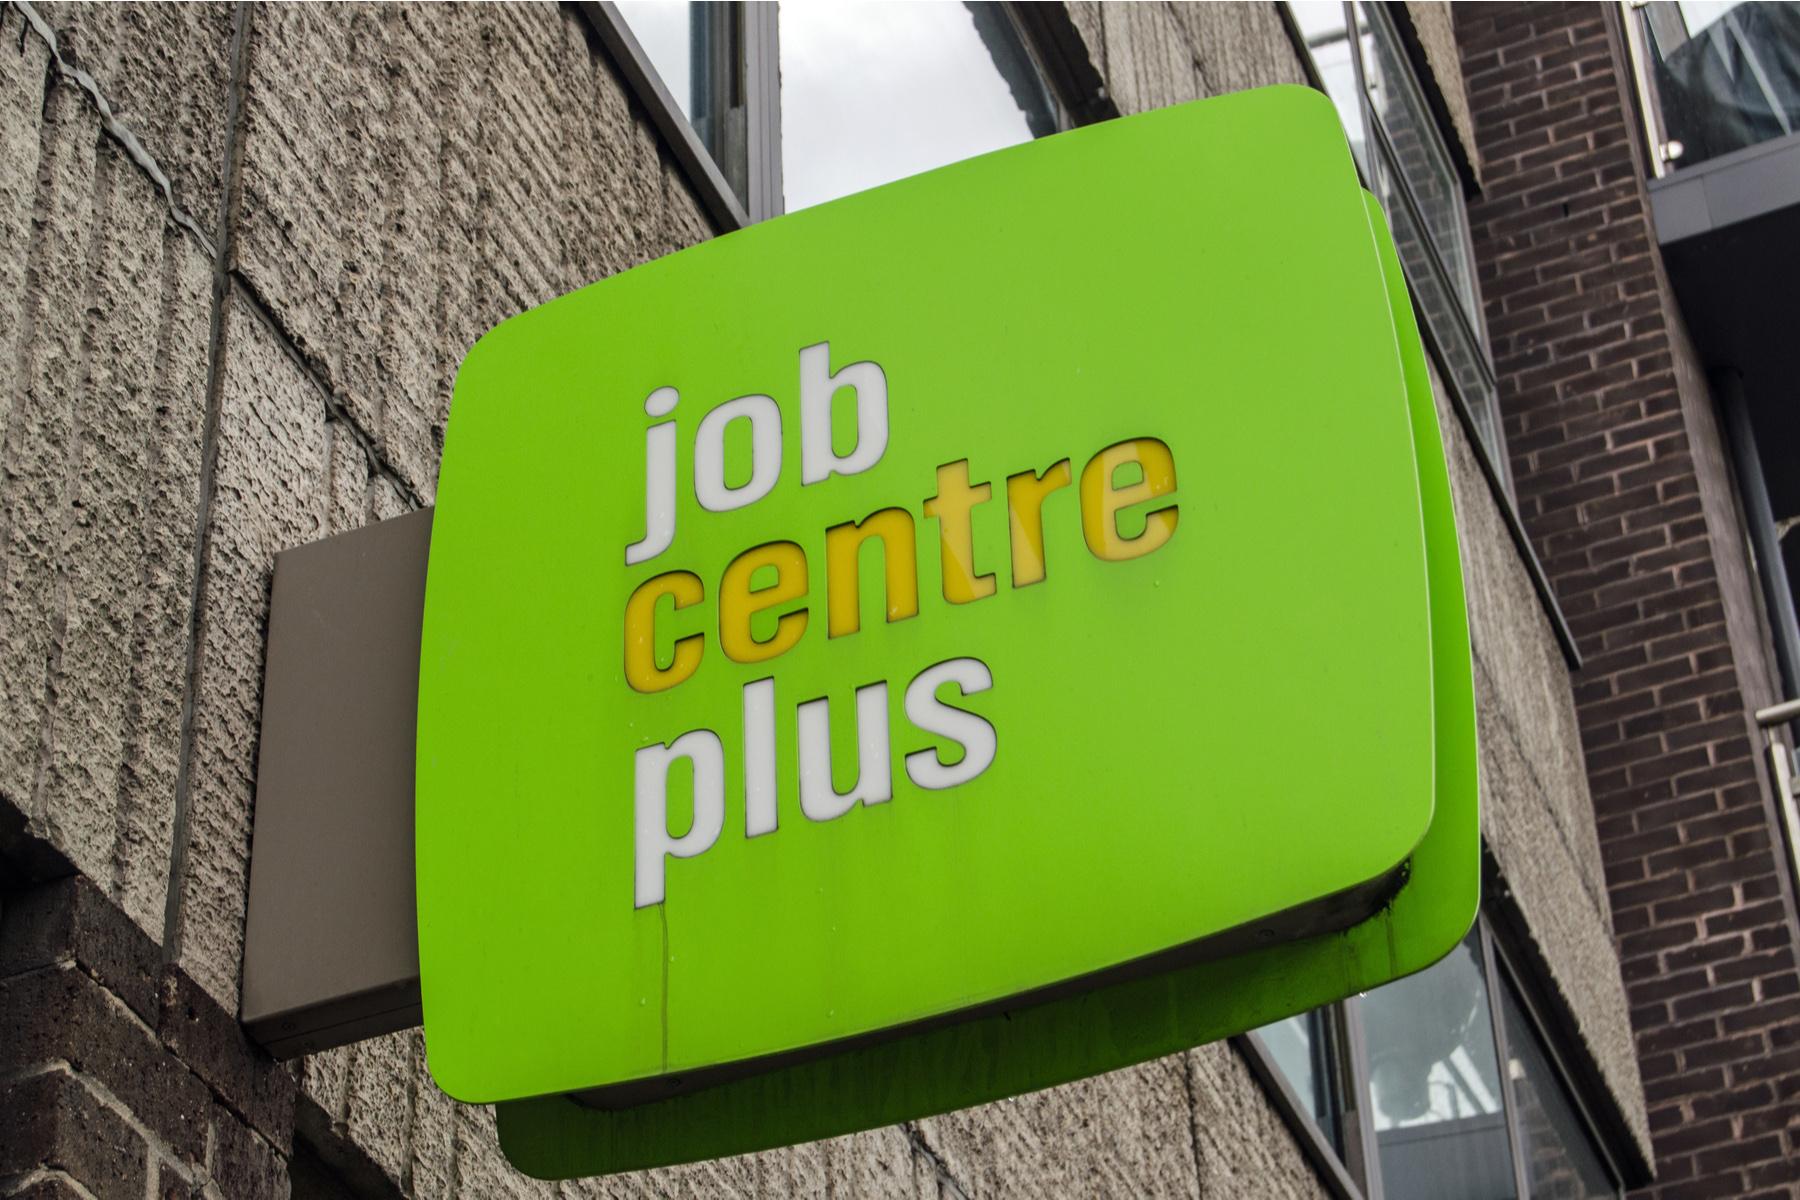 Job Centre Plus office